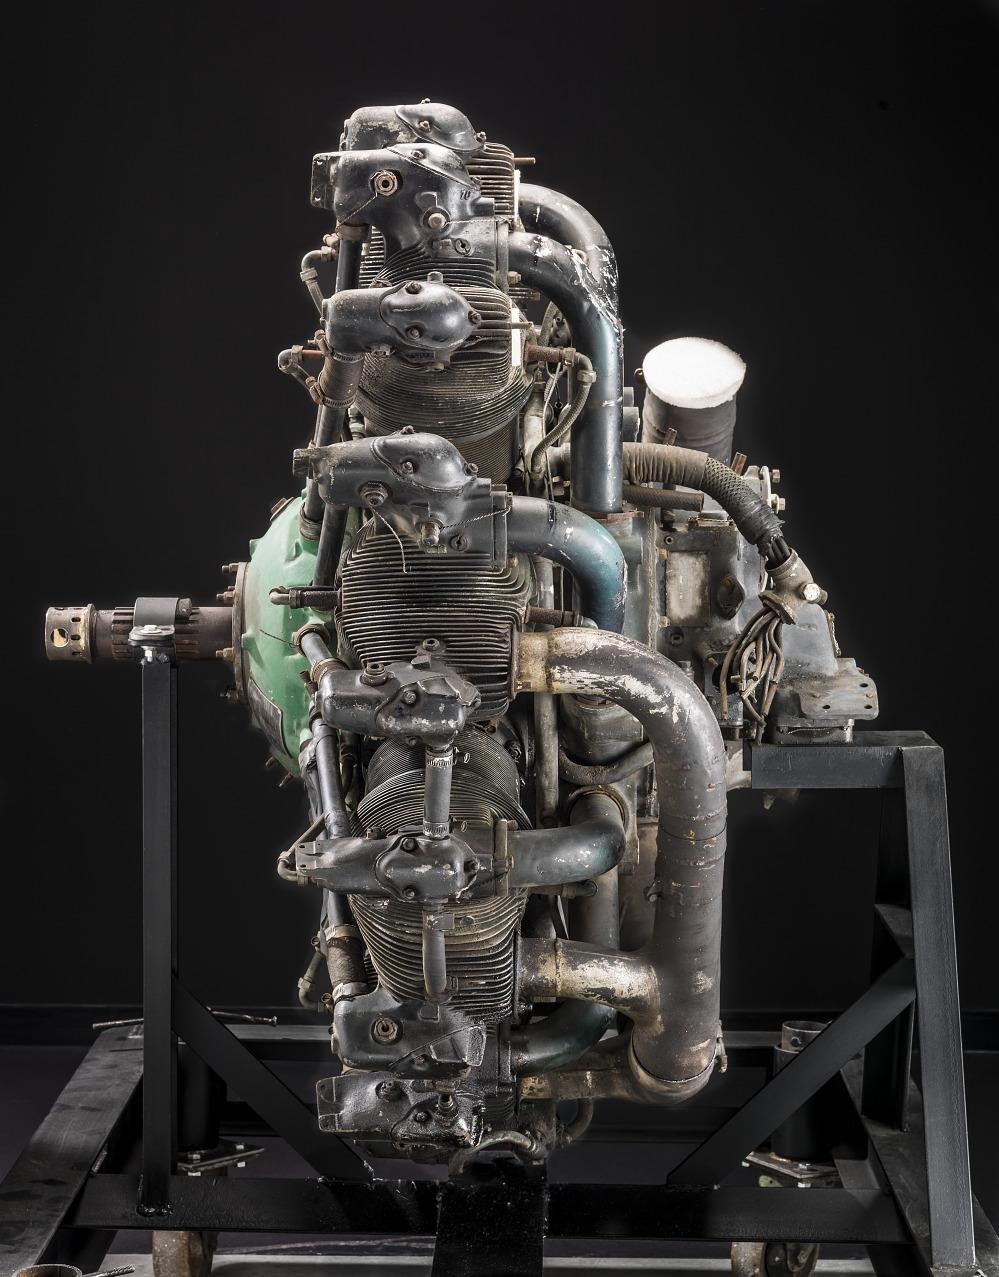 Pratt & Whitney Wasp R-1340 SC1, Radial 9 Engine | National